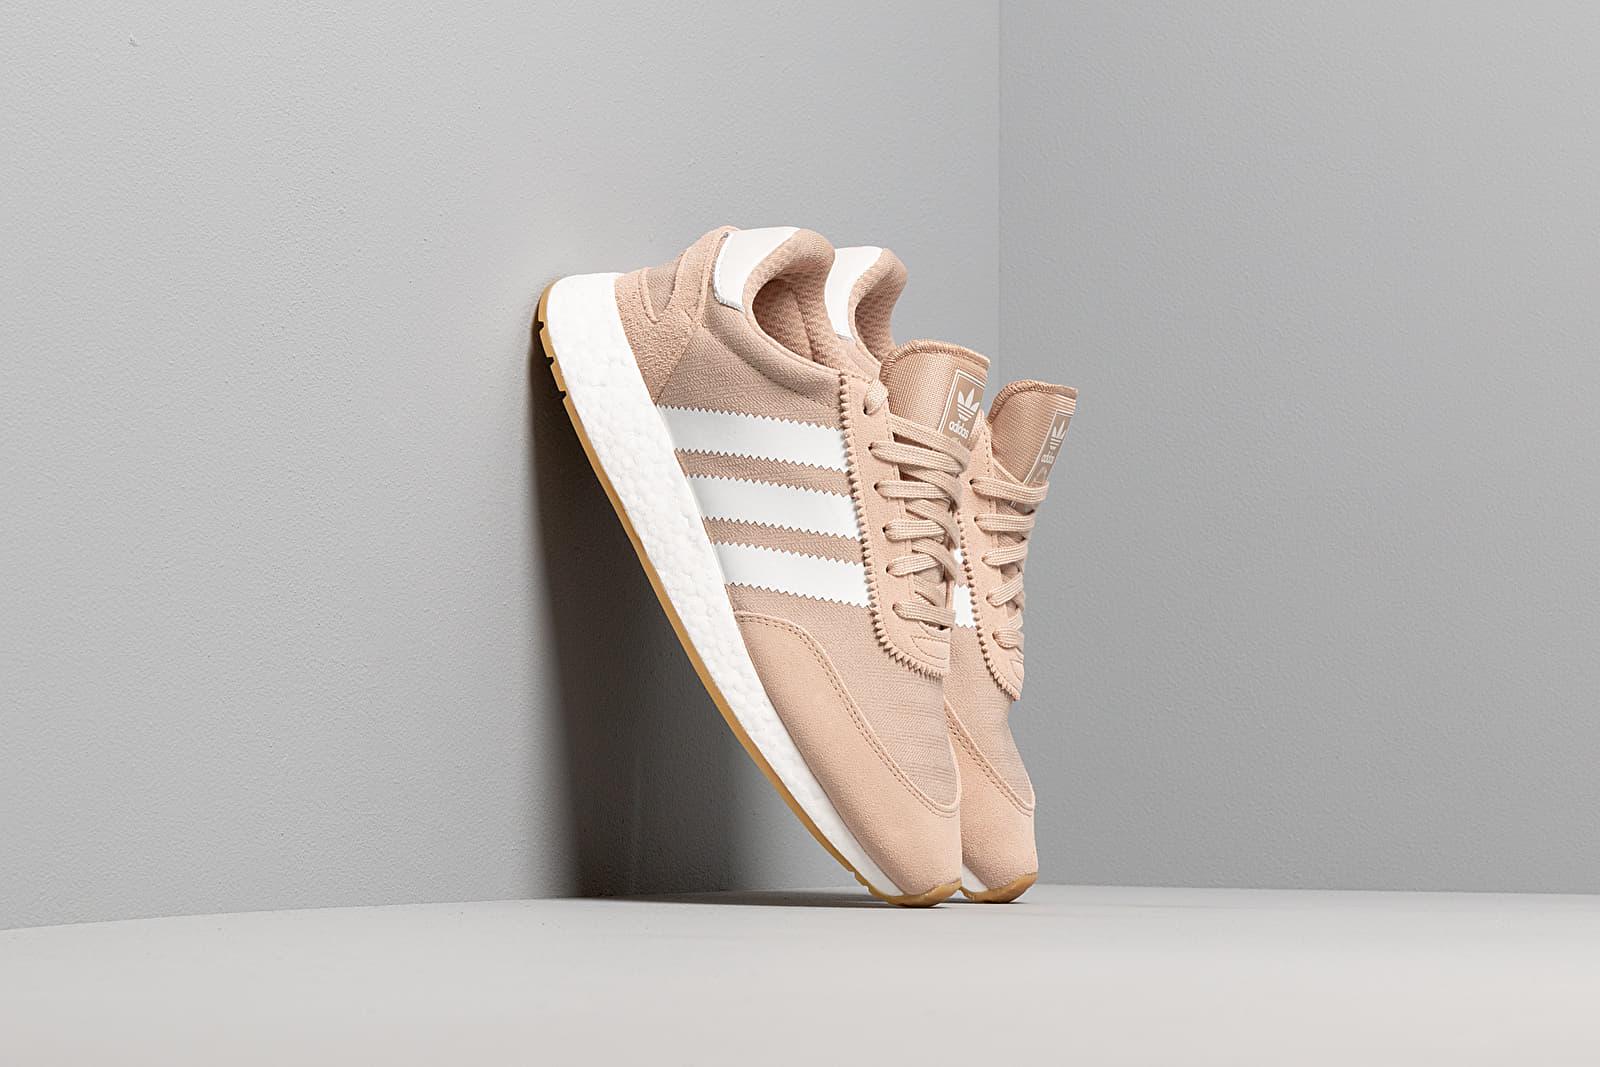 Pánské tenisky a boty adidas I-5923 St Pale Nude/ Crystal White/ Ftw White